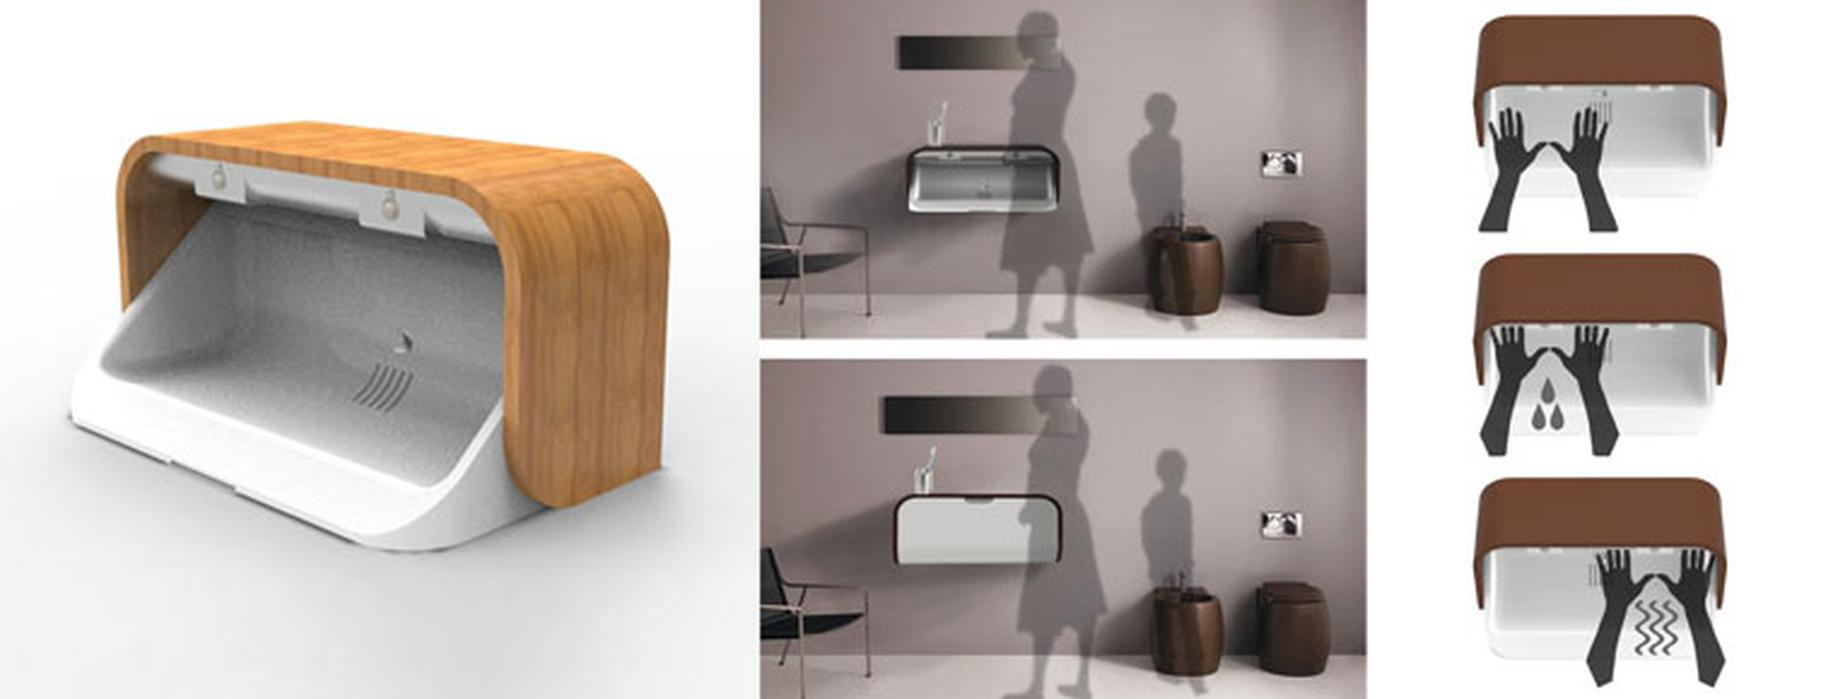 One day design challenge spain 2012 roca for Rocas design